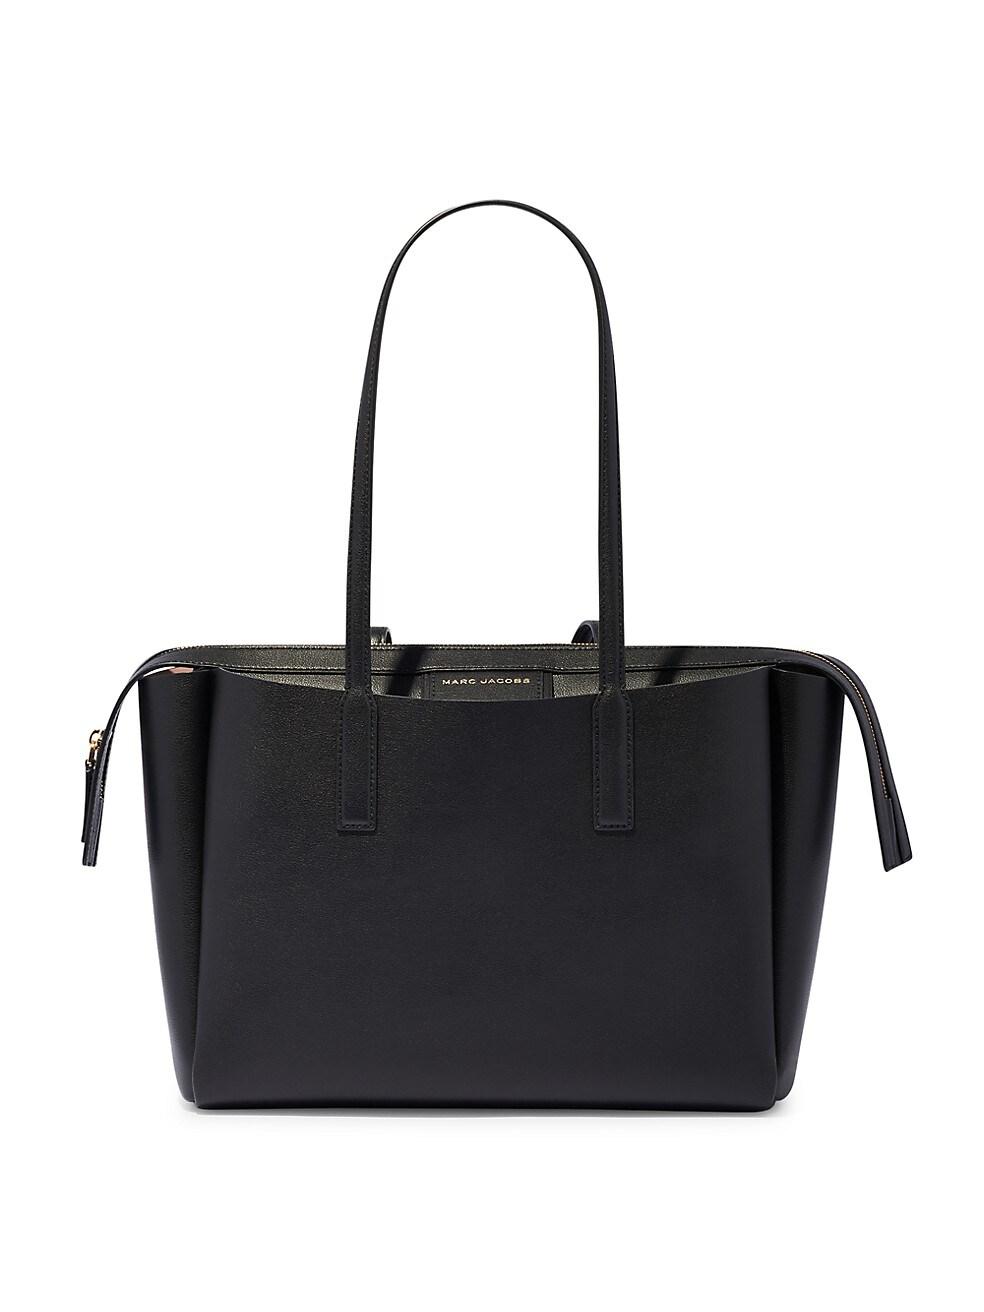 마크 제이콥스 토트백 Marc Jacobs Leather Tote,BLACK